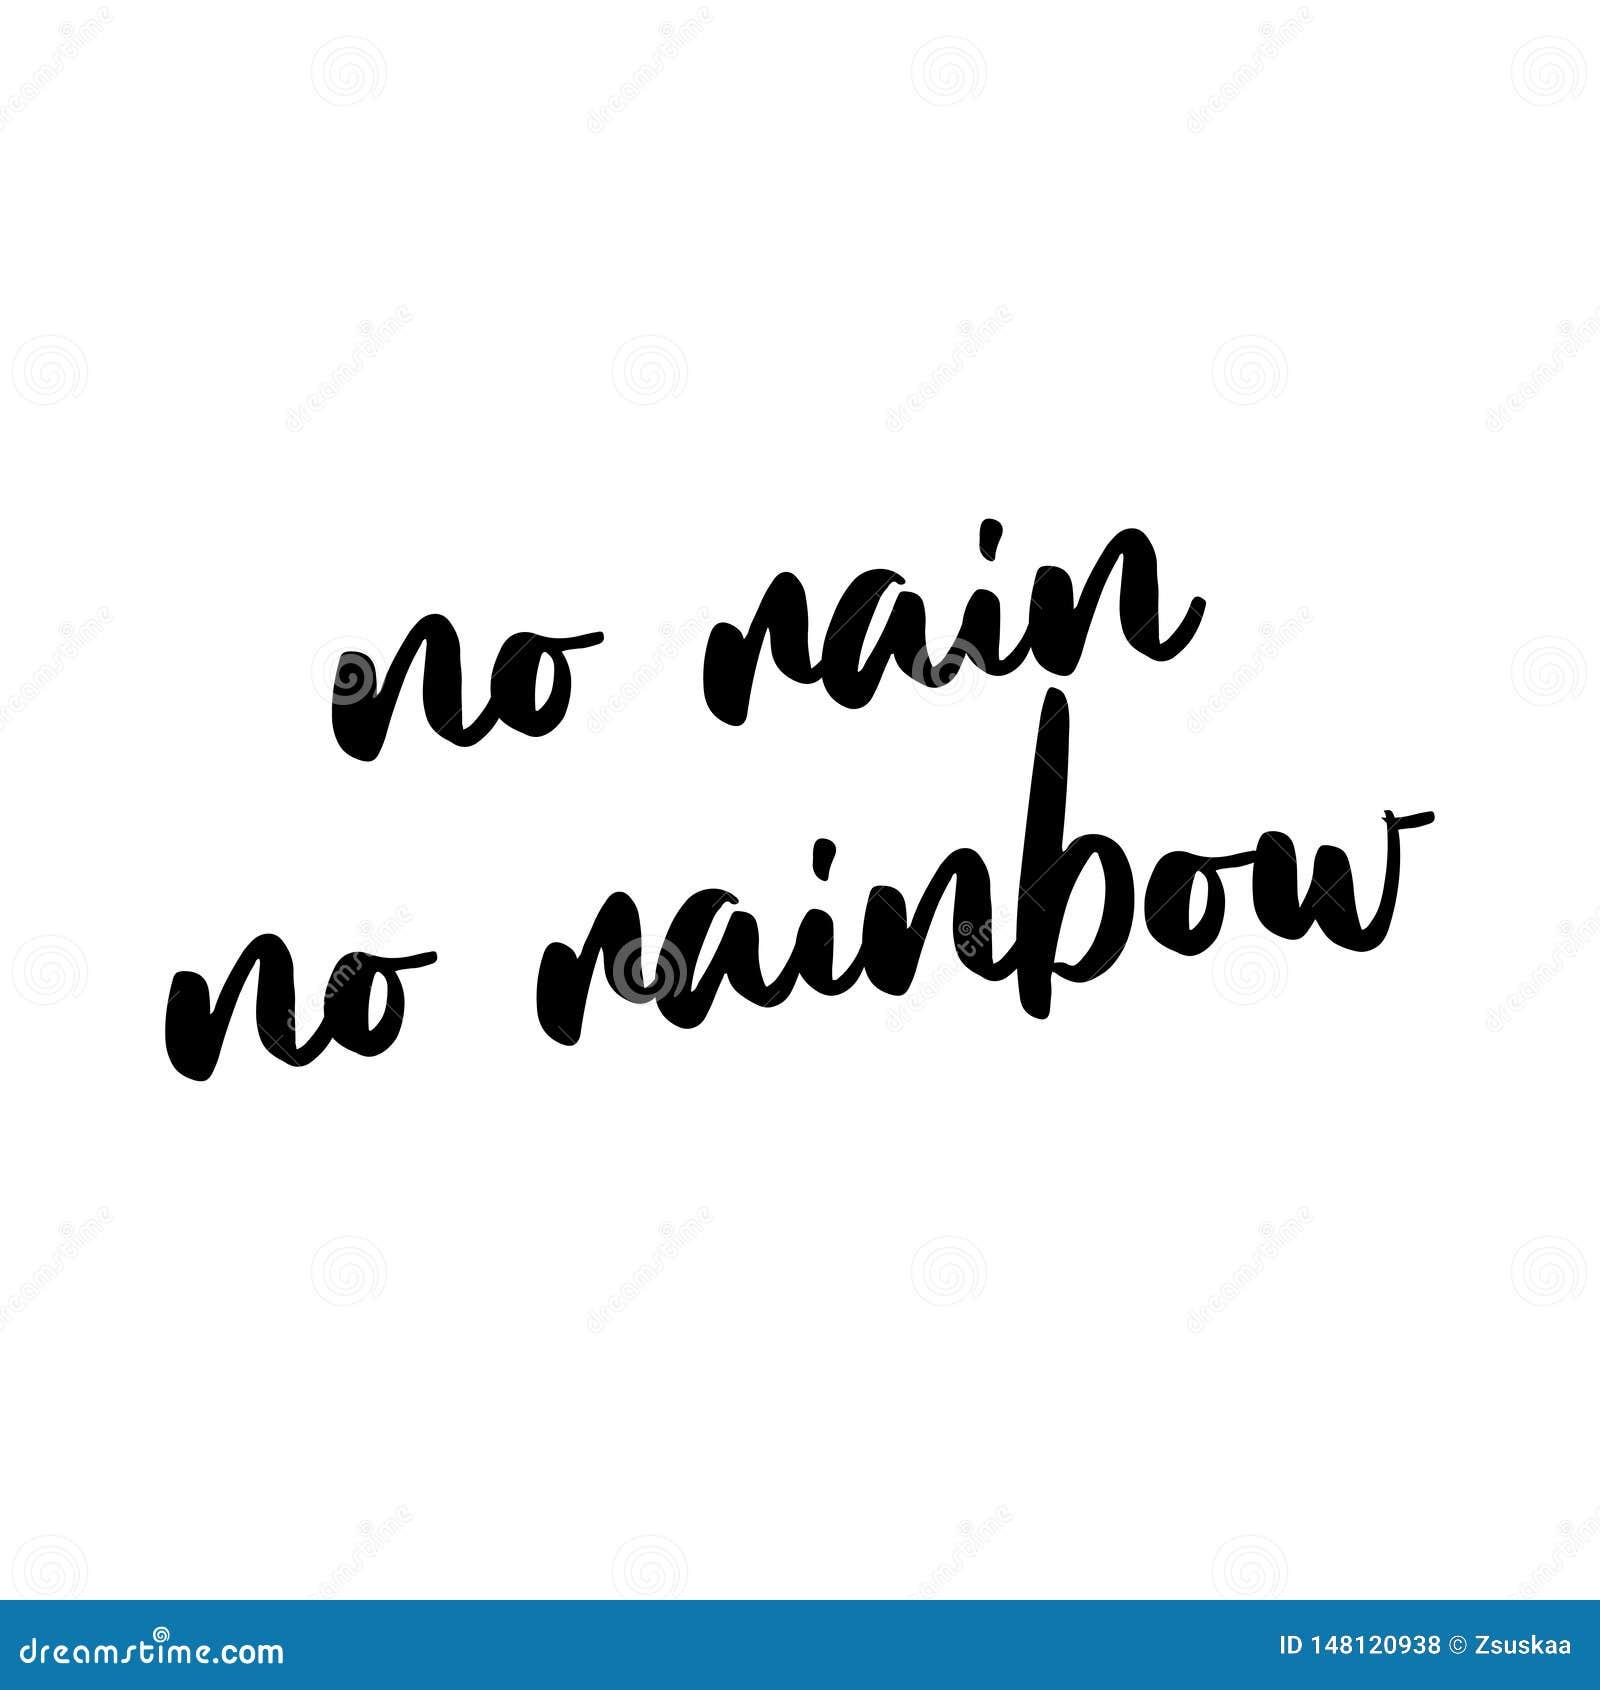 没有雨没有彩虹-每日佛经为幸福生活